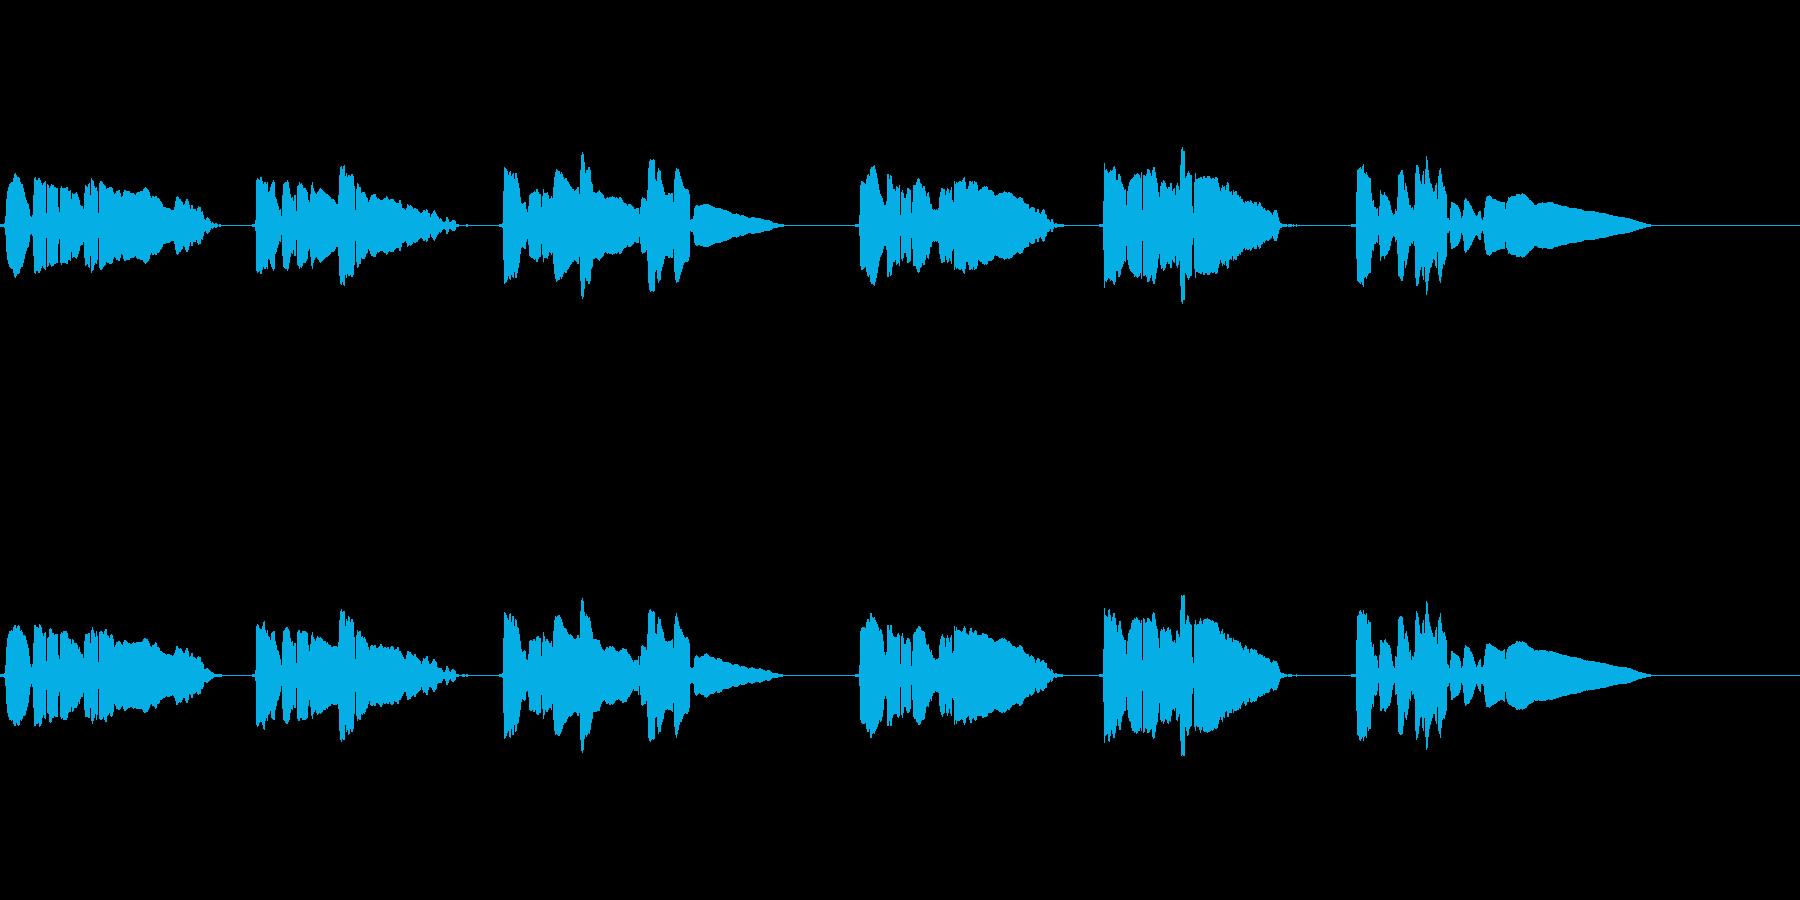 サックス1本で官能的な曲の再生済みの波形